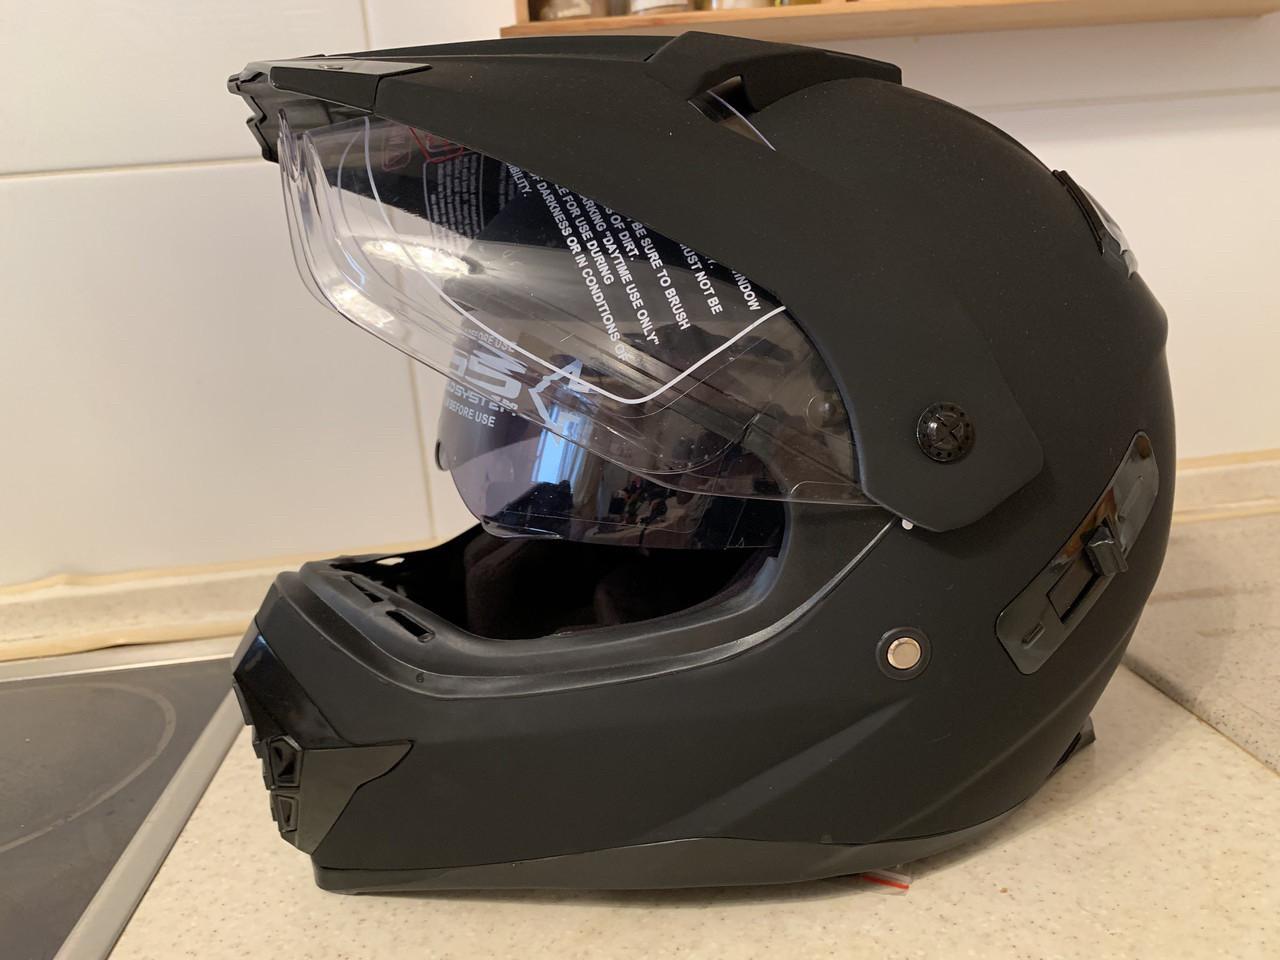 Черный матовый эндуро мото шлем с визором и с дополнительными солнцезащитными очками